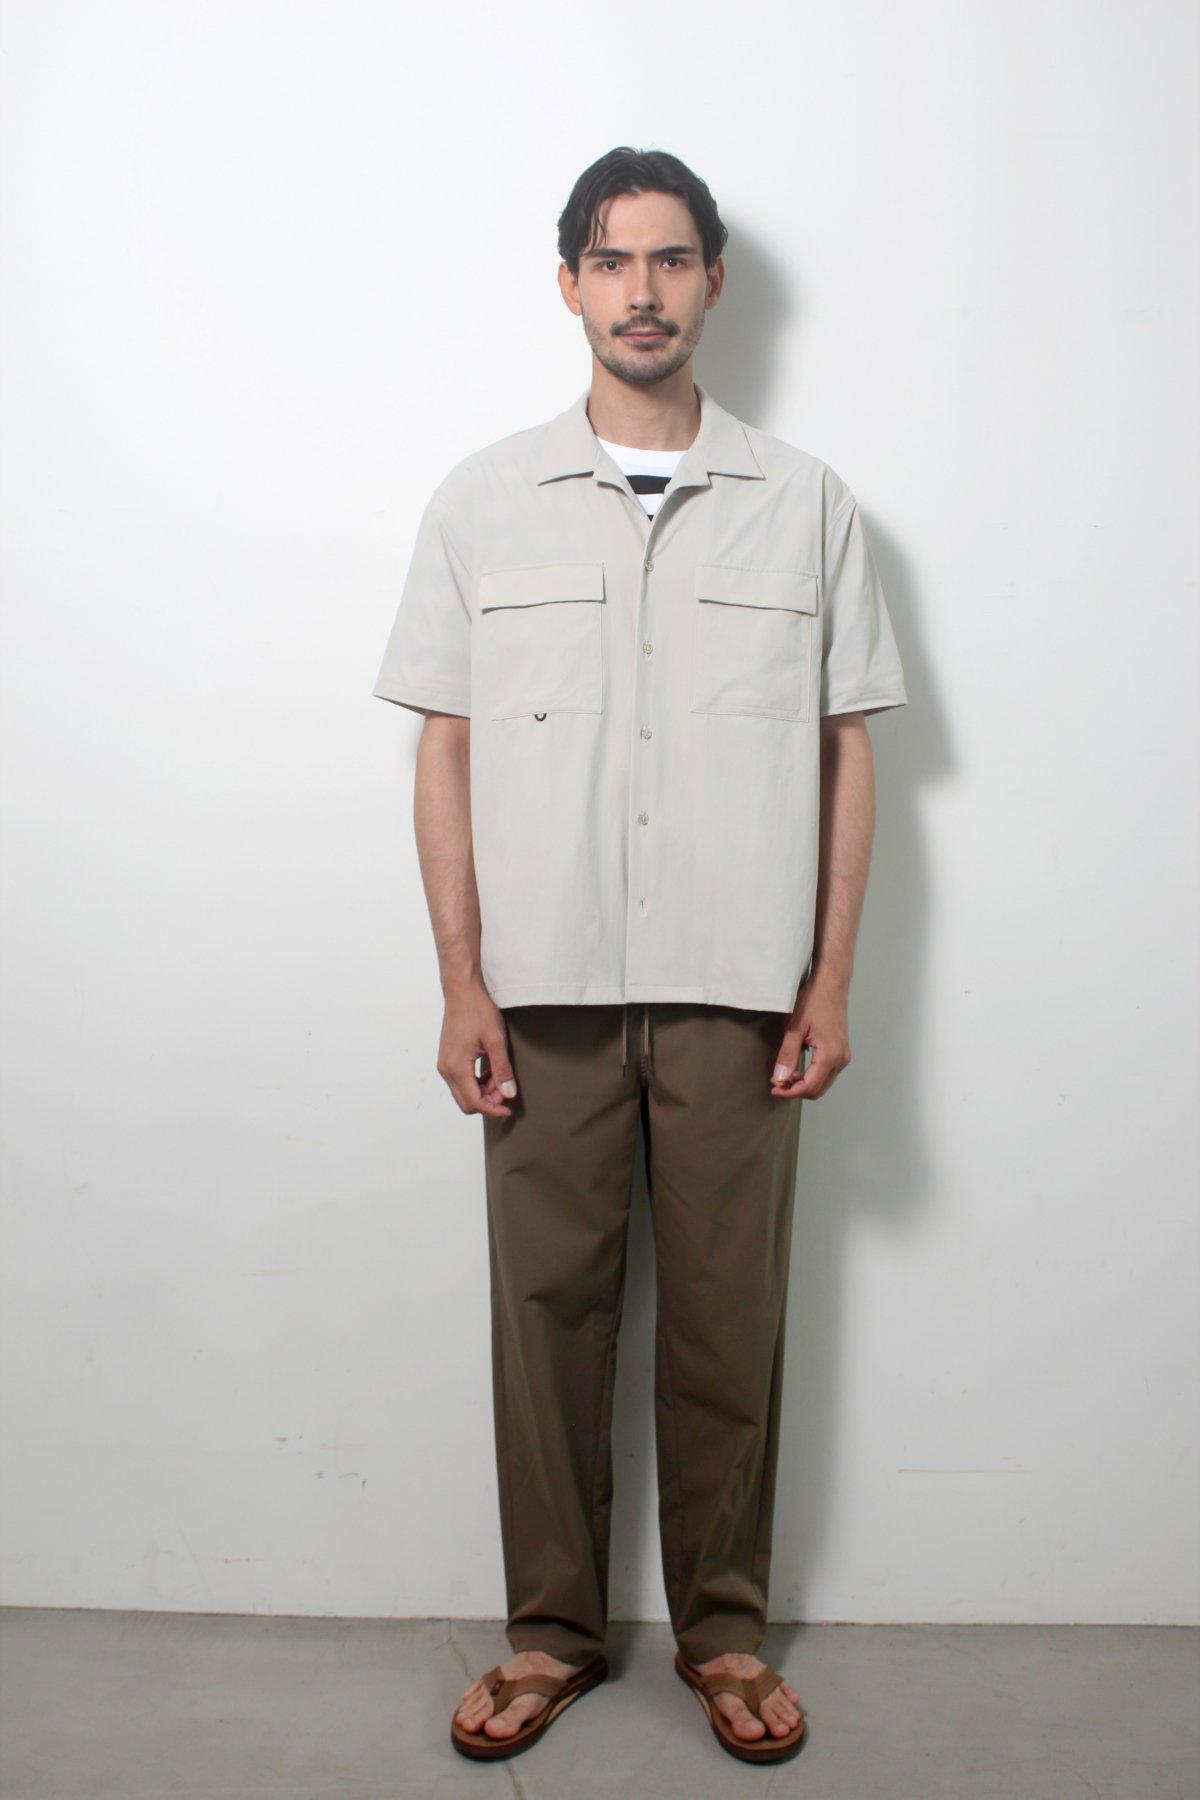 S/S W Pocket Shirts 詳細画像7